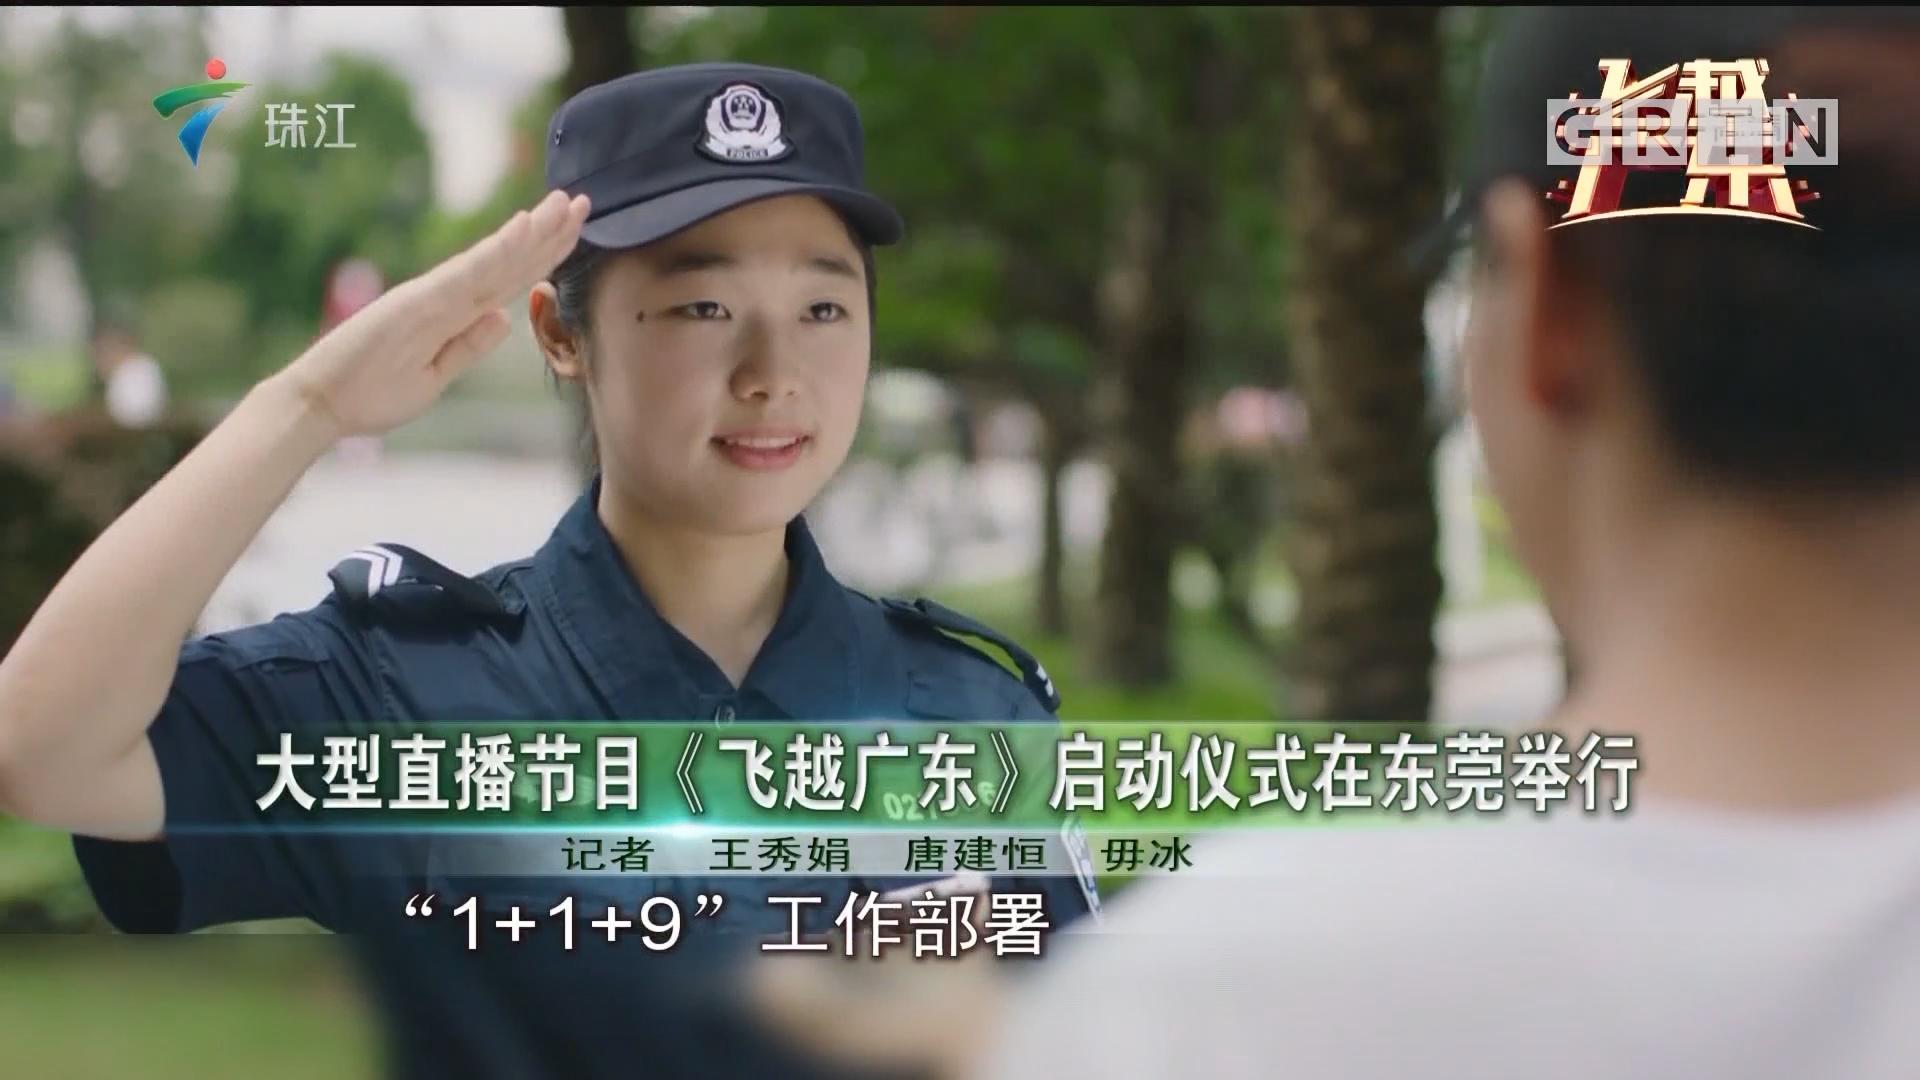 大型直播节目《飞越广东》启动仪式在东莞举行